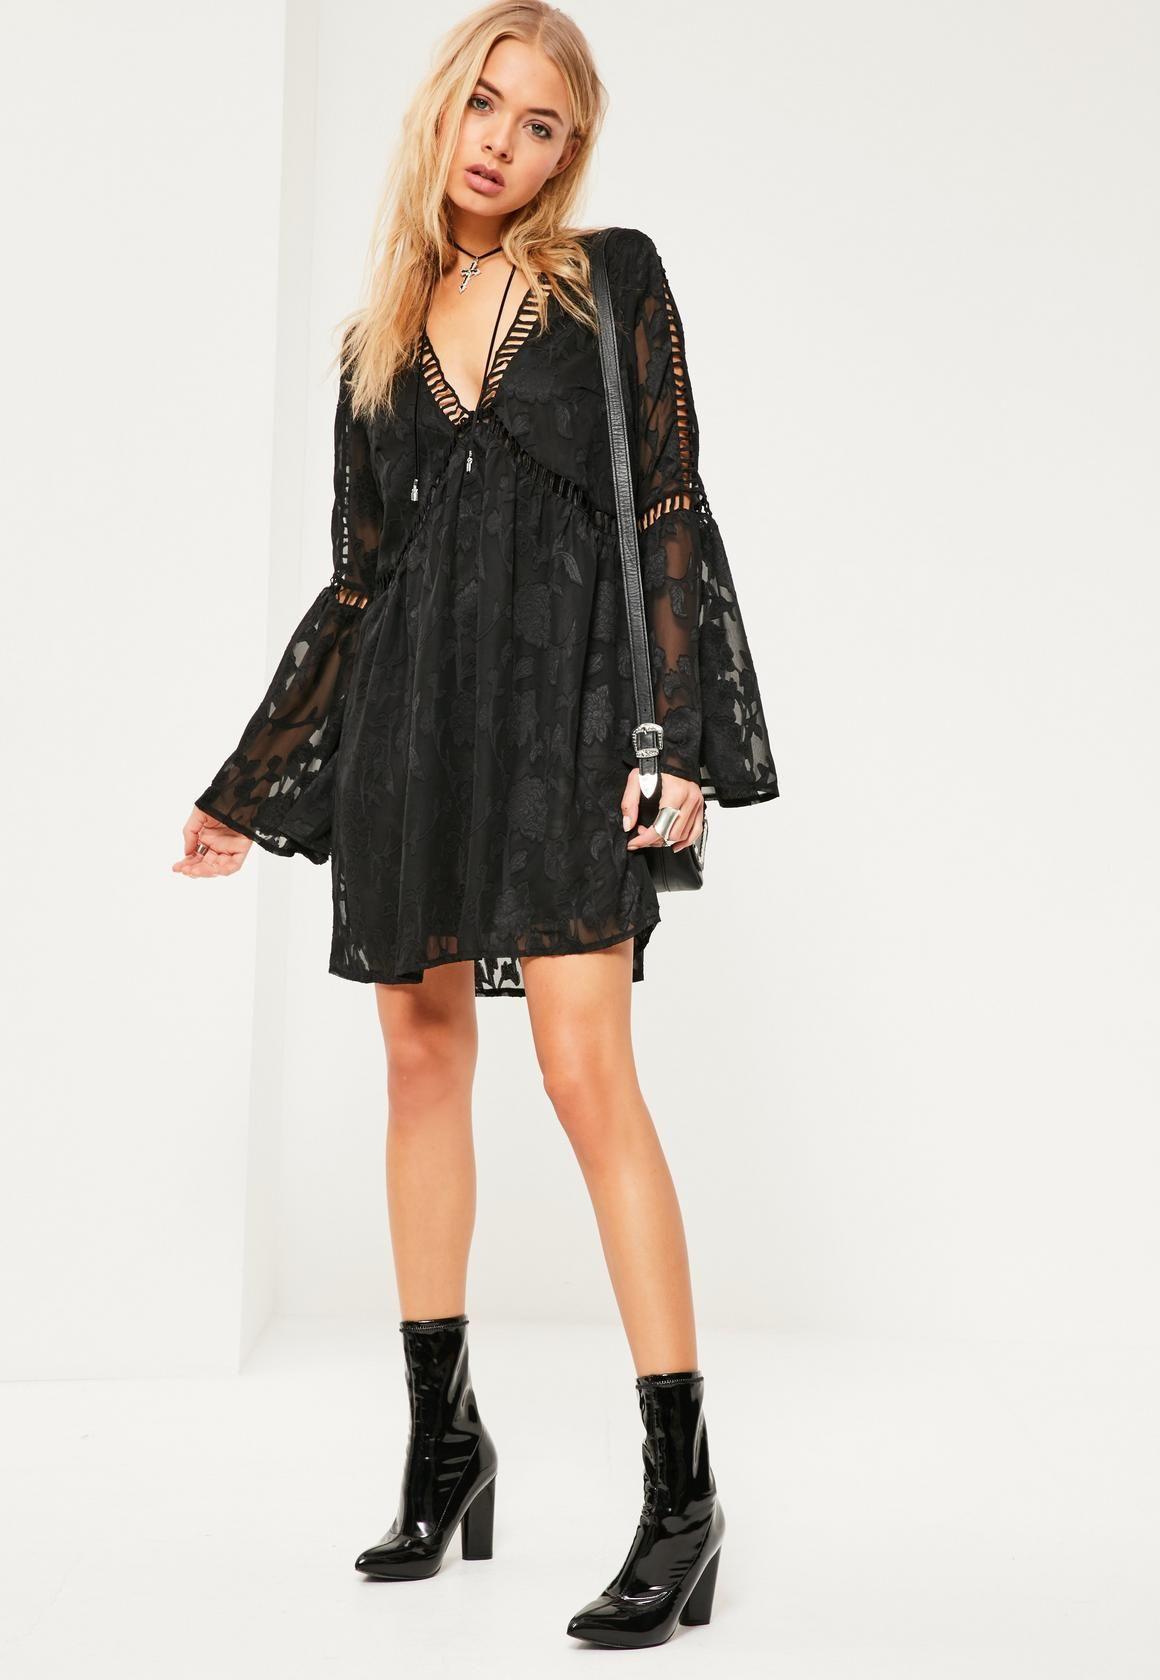 Missguided Czarna Luzna Koronkowa Sukienka Z Szerokimi Rekawami Online Dress Shopping Cute Dresses Womens Dresses